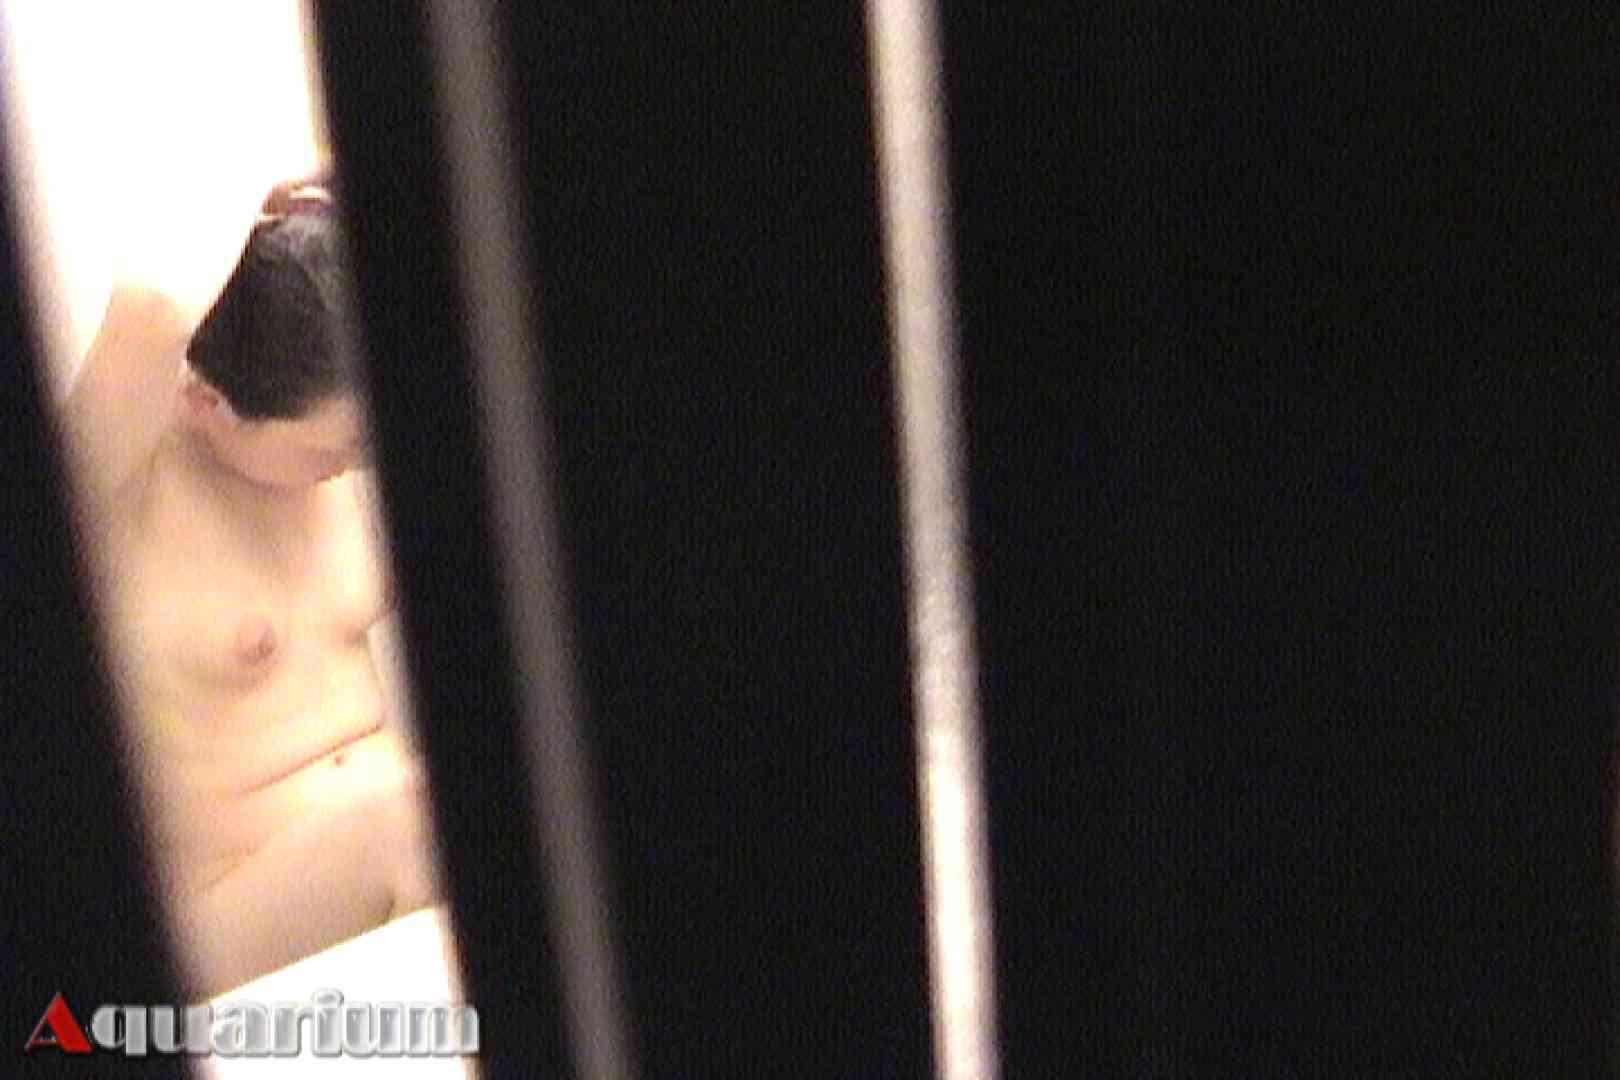 旅館脱衣所お着替え盗撮 Vol.04 脱衣所・着替え スケベ動画紹介 108枚 29